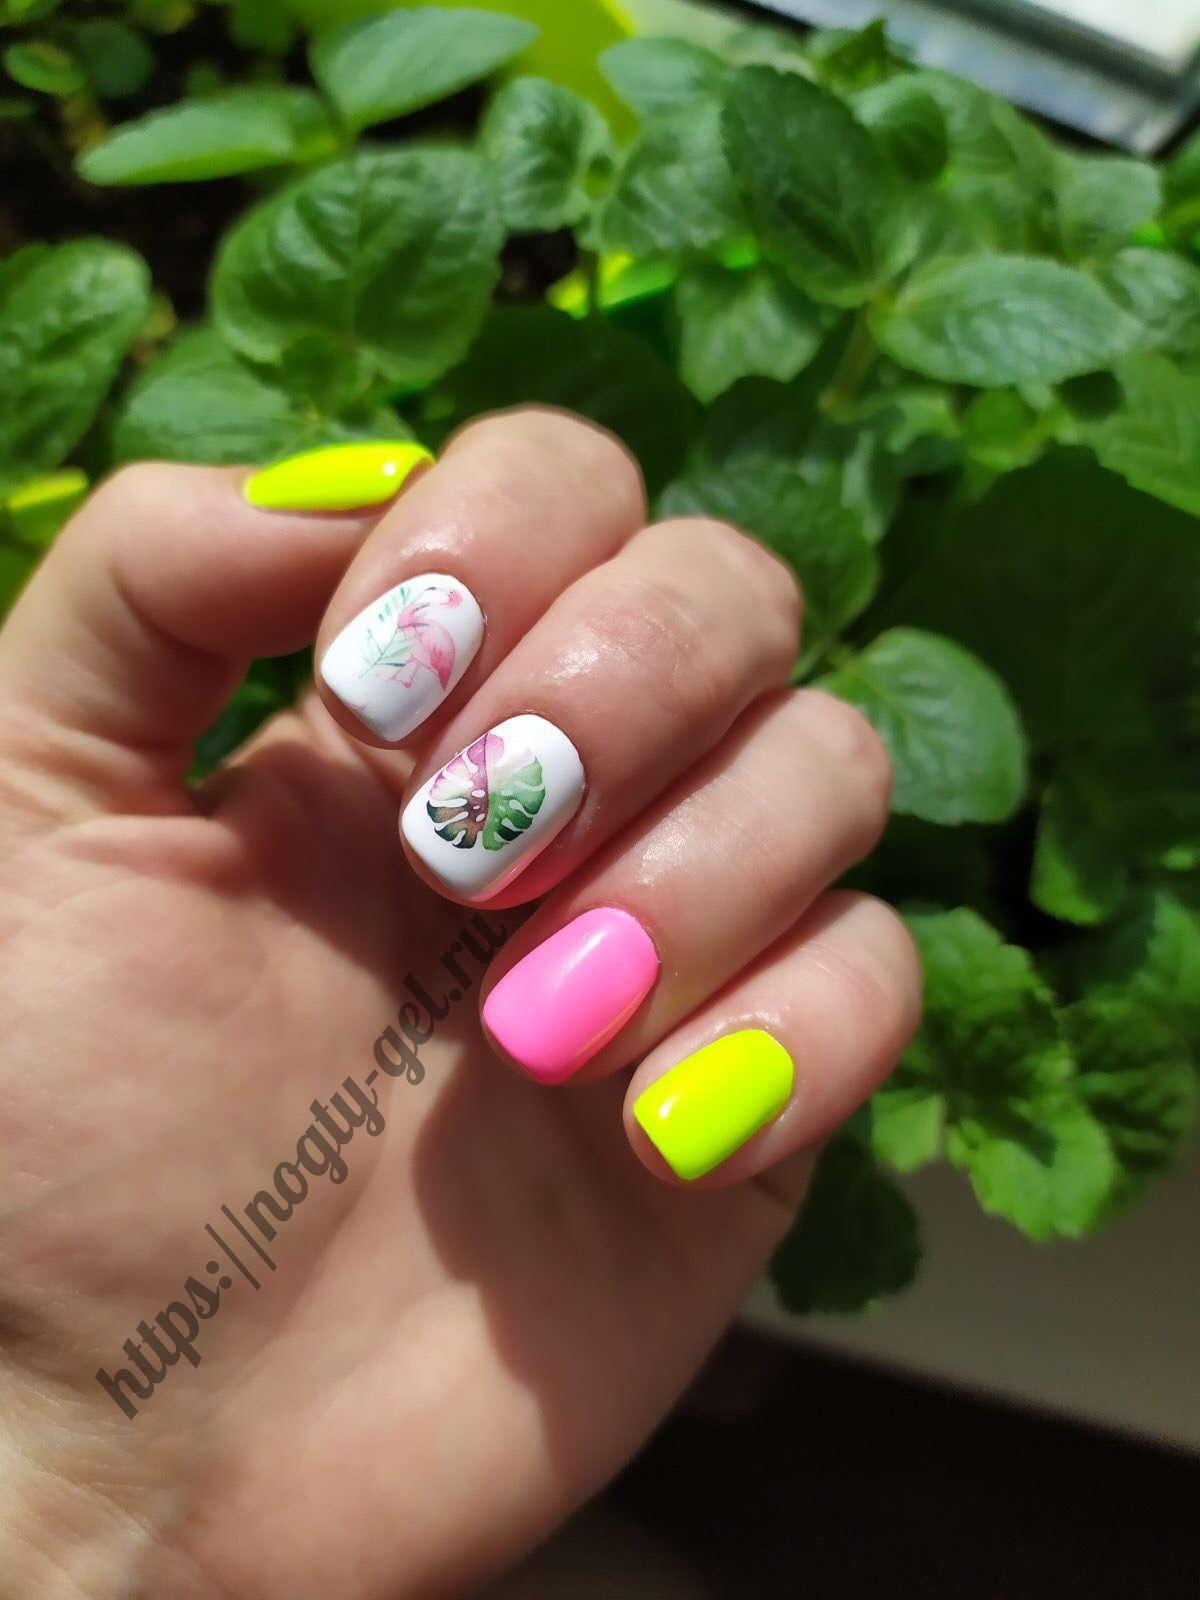 2.Красивые ногти гель лаком фото.